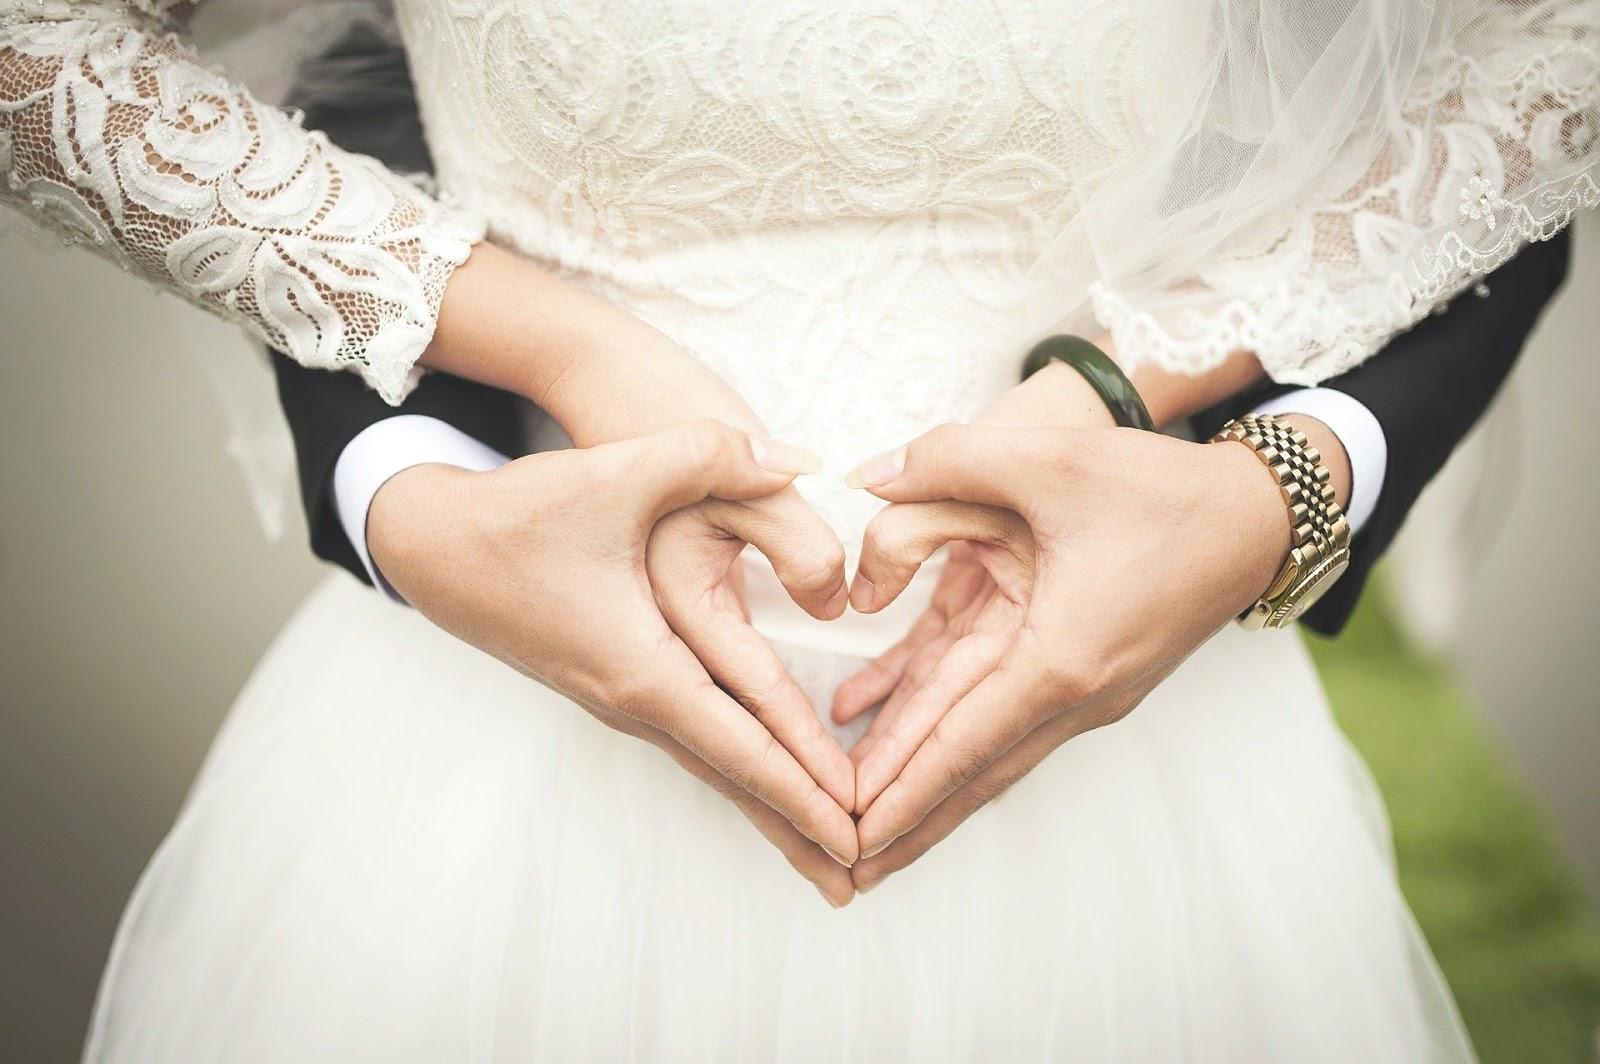 الطريقة الناجعة لعلاج سحر الربط وفشل العلاقة الزوجية